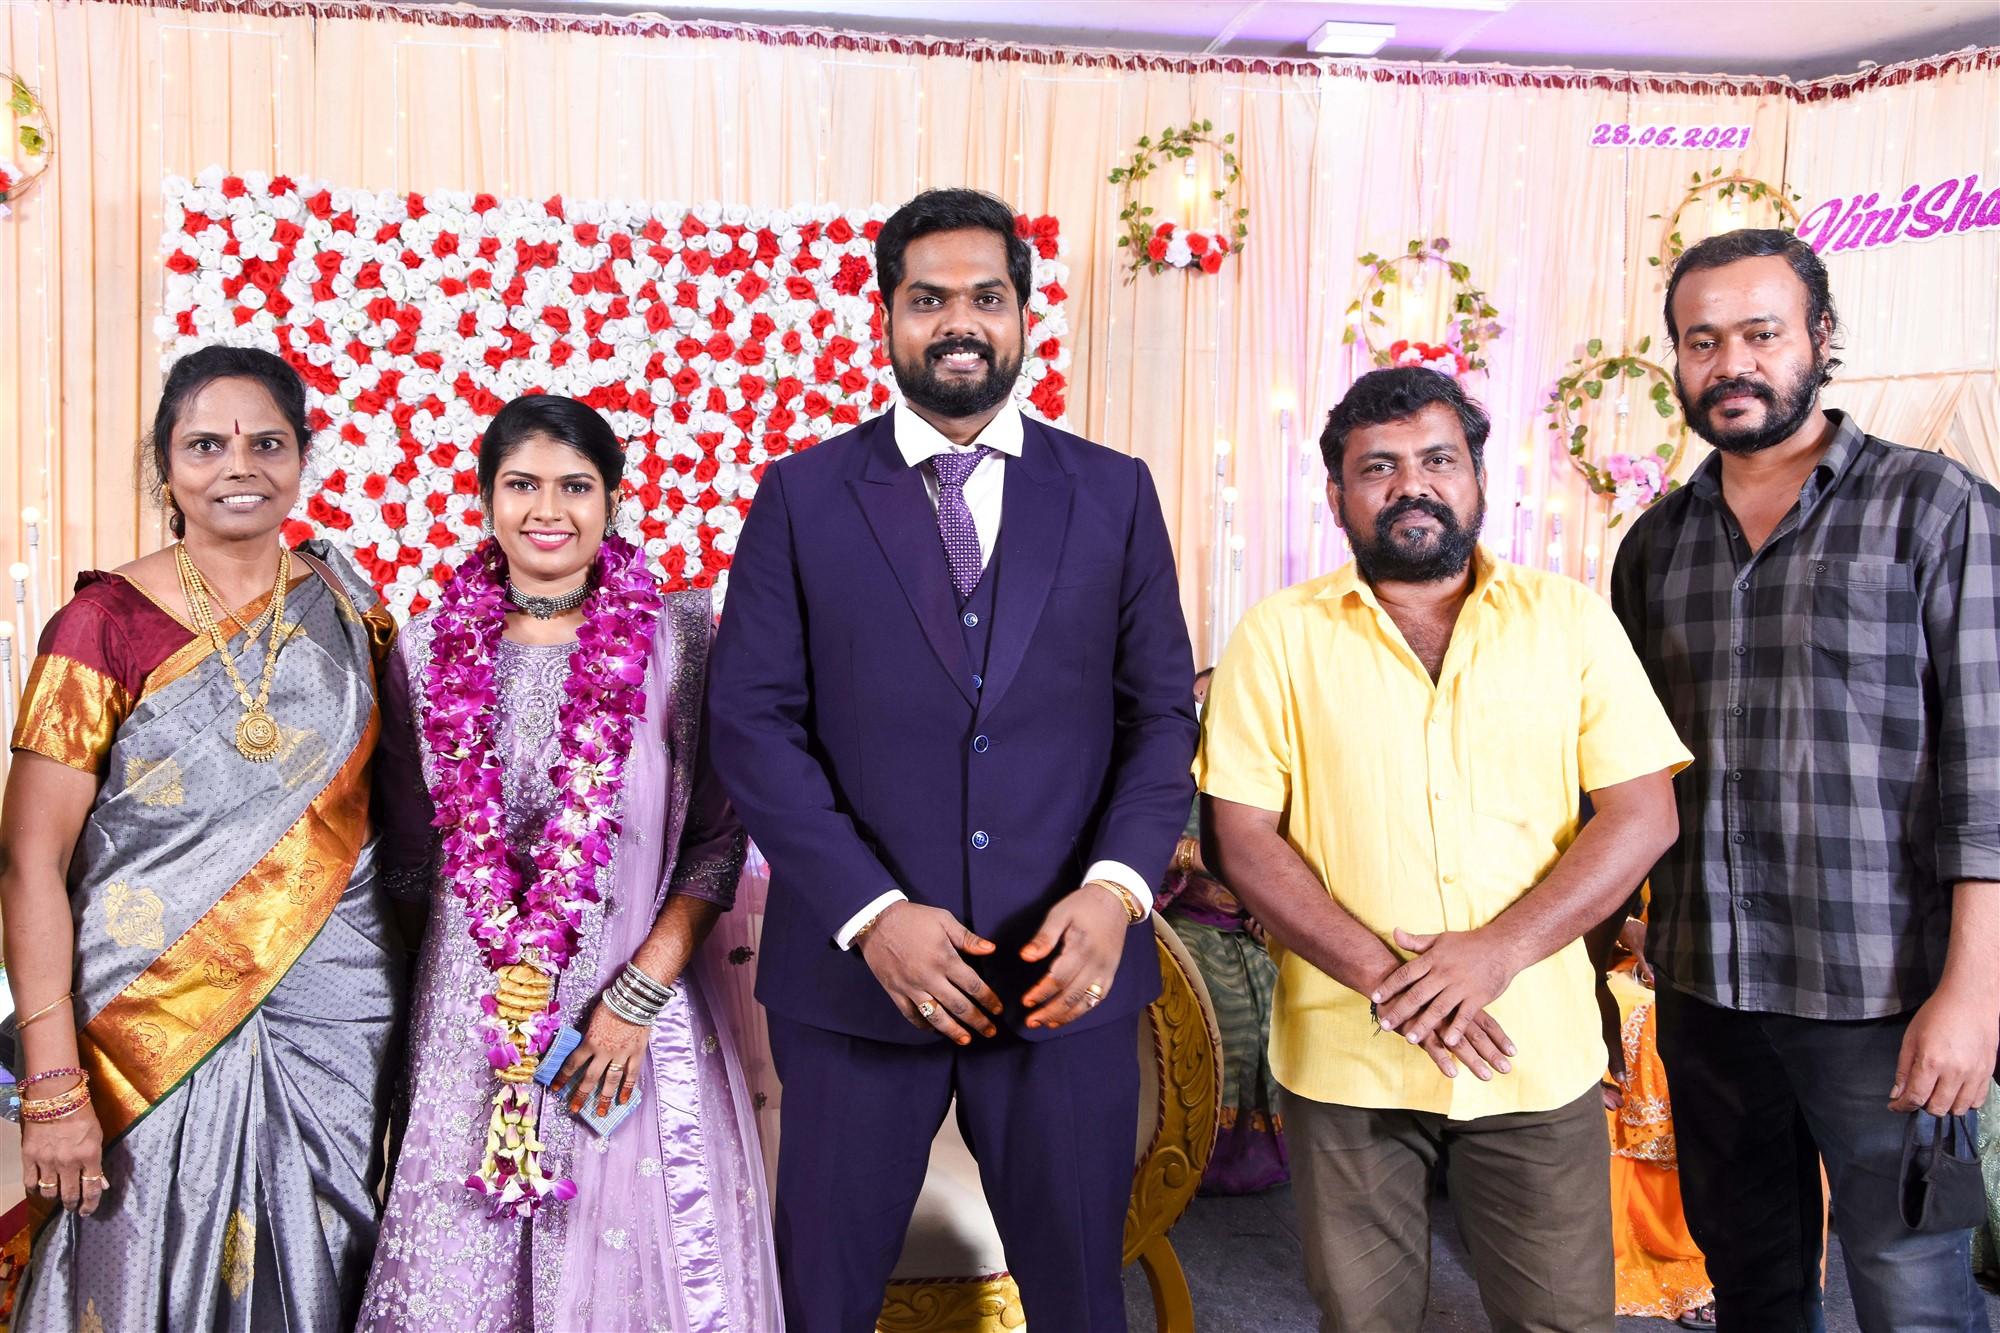 Actor Kaali Venkat @ Dikkiloona Movie Director Karthik Yogi Wedding Images HD